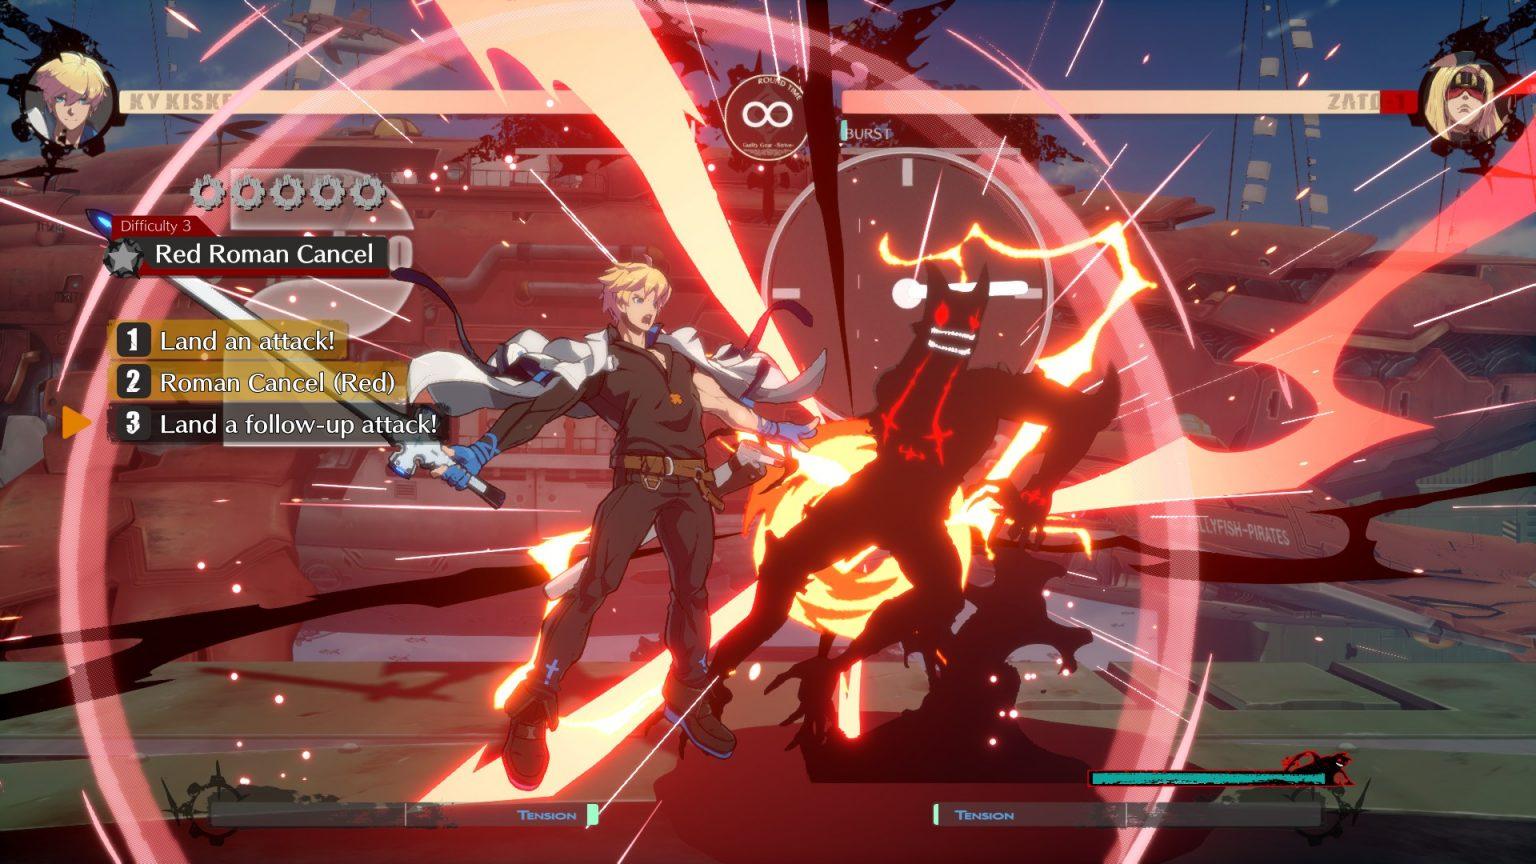 《罪恶装备:抗争》新细节 介绍了玩家竞赛和任务模式 游戏资讯 第1张